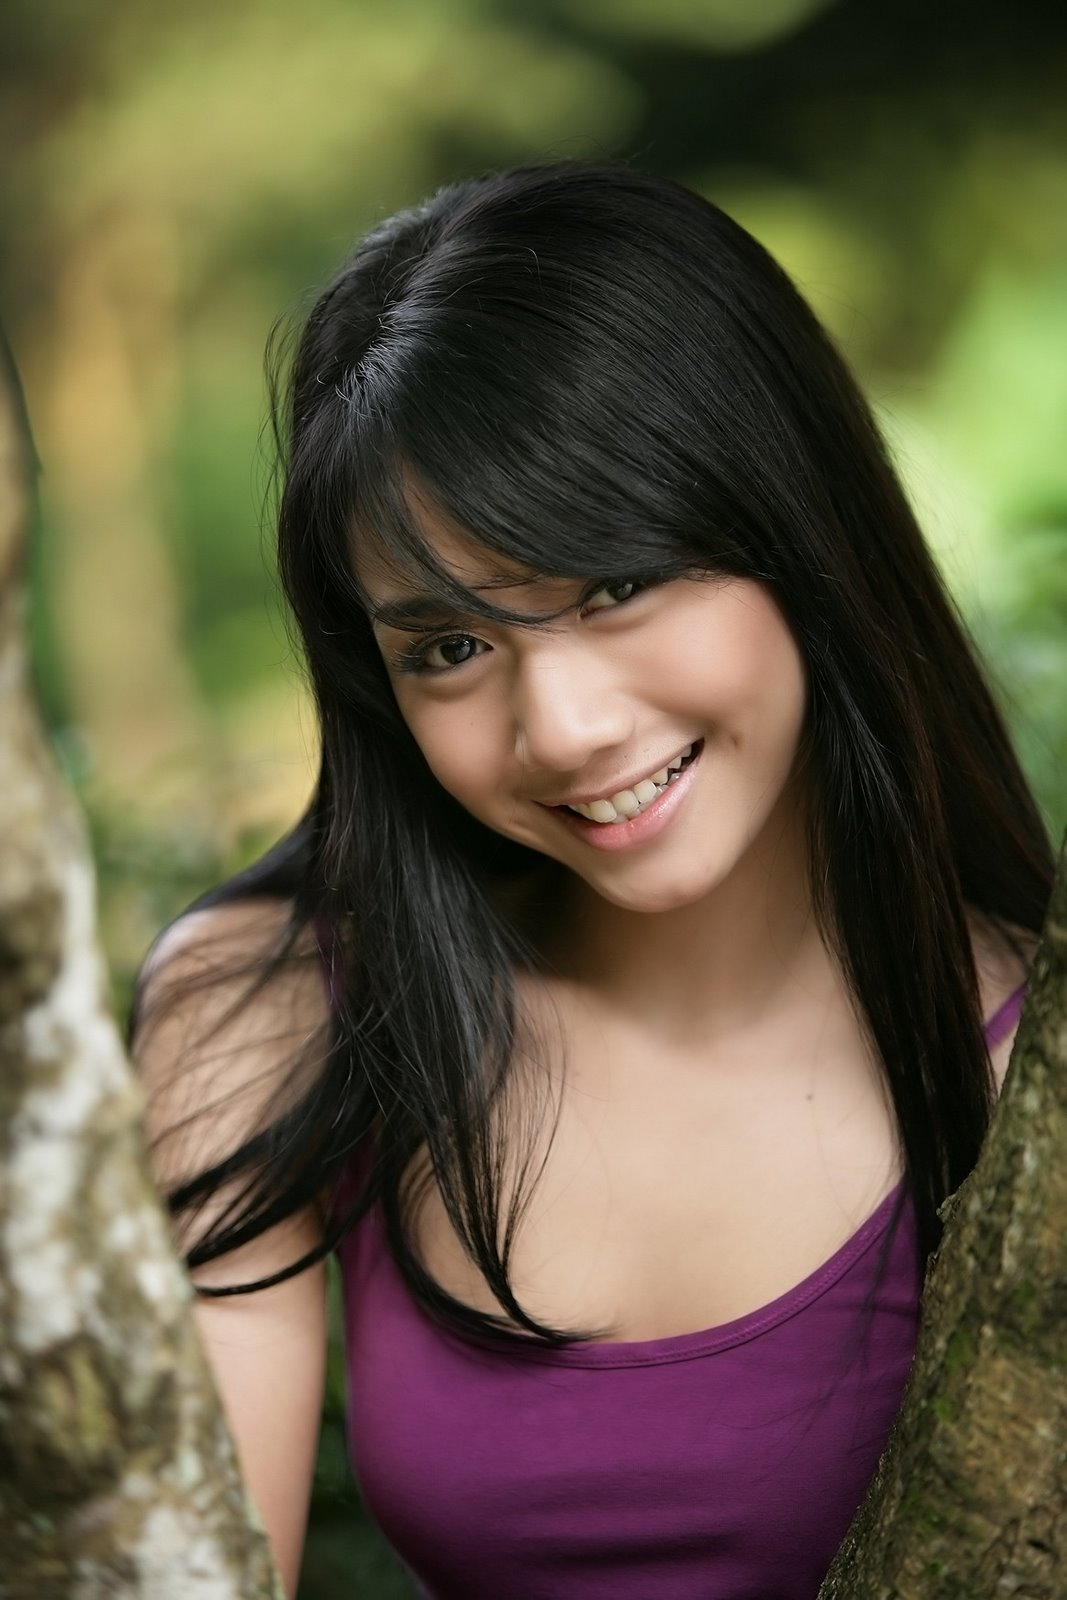 http://4.bp.blogspot.com/_h3atgdxIMtM/SO_JdUbd5HI/AAAAAAAAAgI/HvoKC1REPCY/s1600/aaa4.jpg